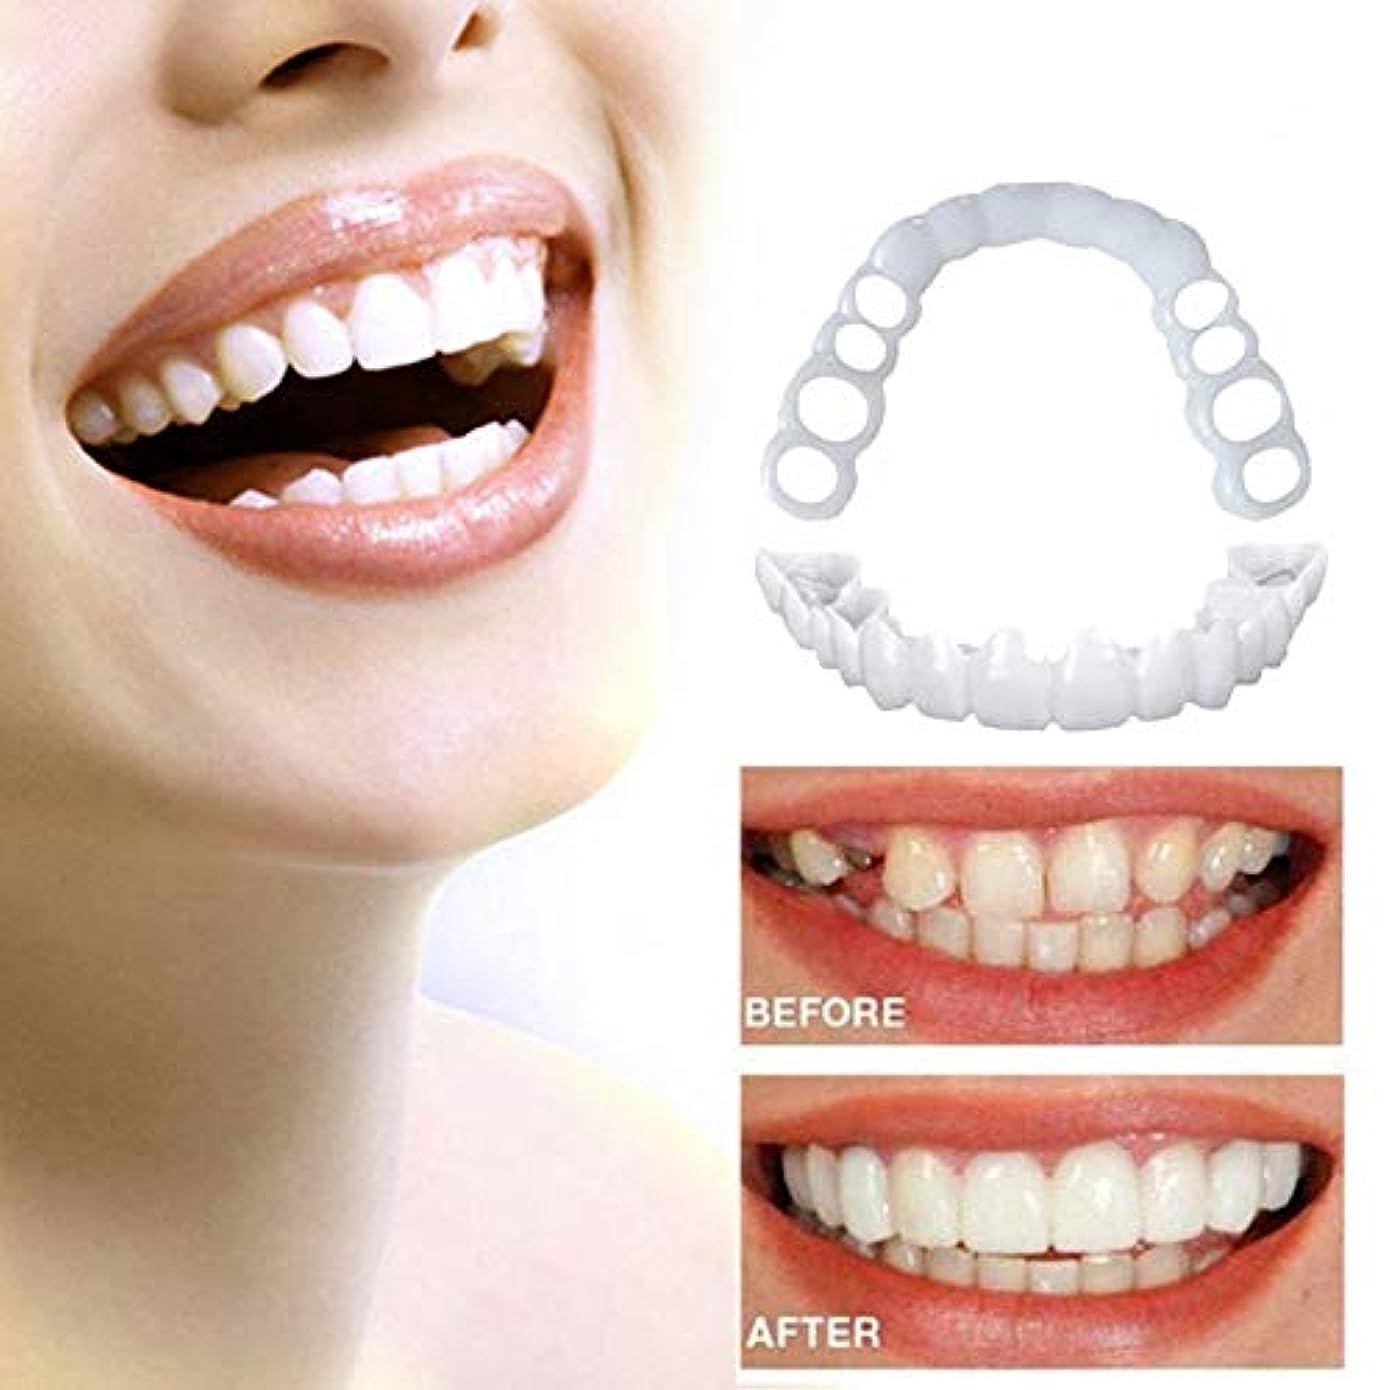 第五さておき滞在素朴な義歯入れ歯ホワイトニングインスタントパーフェクトスマイルトップとボトム快適なスナップオンフェイクトゥースカバー模擬歯男性用女性(2本)